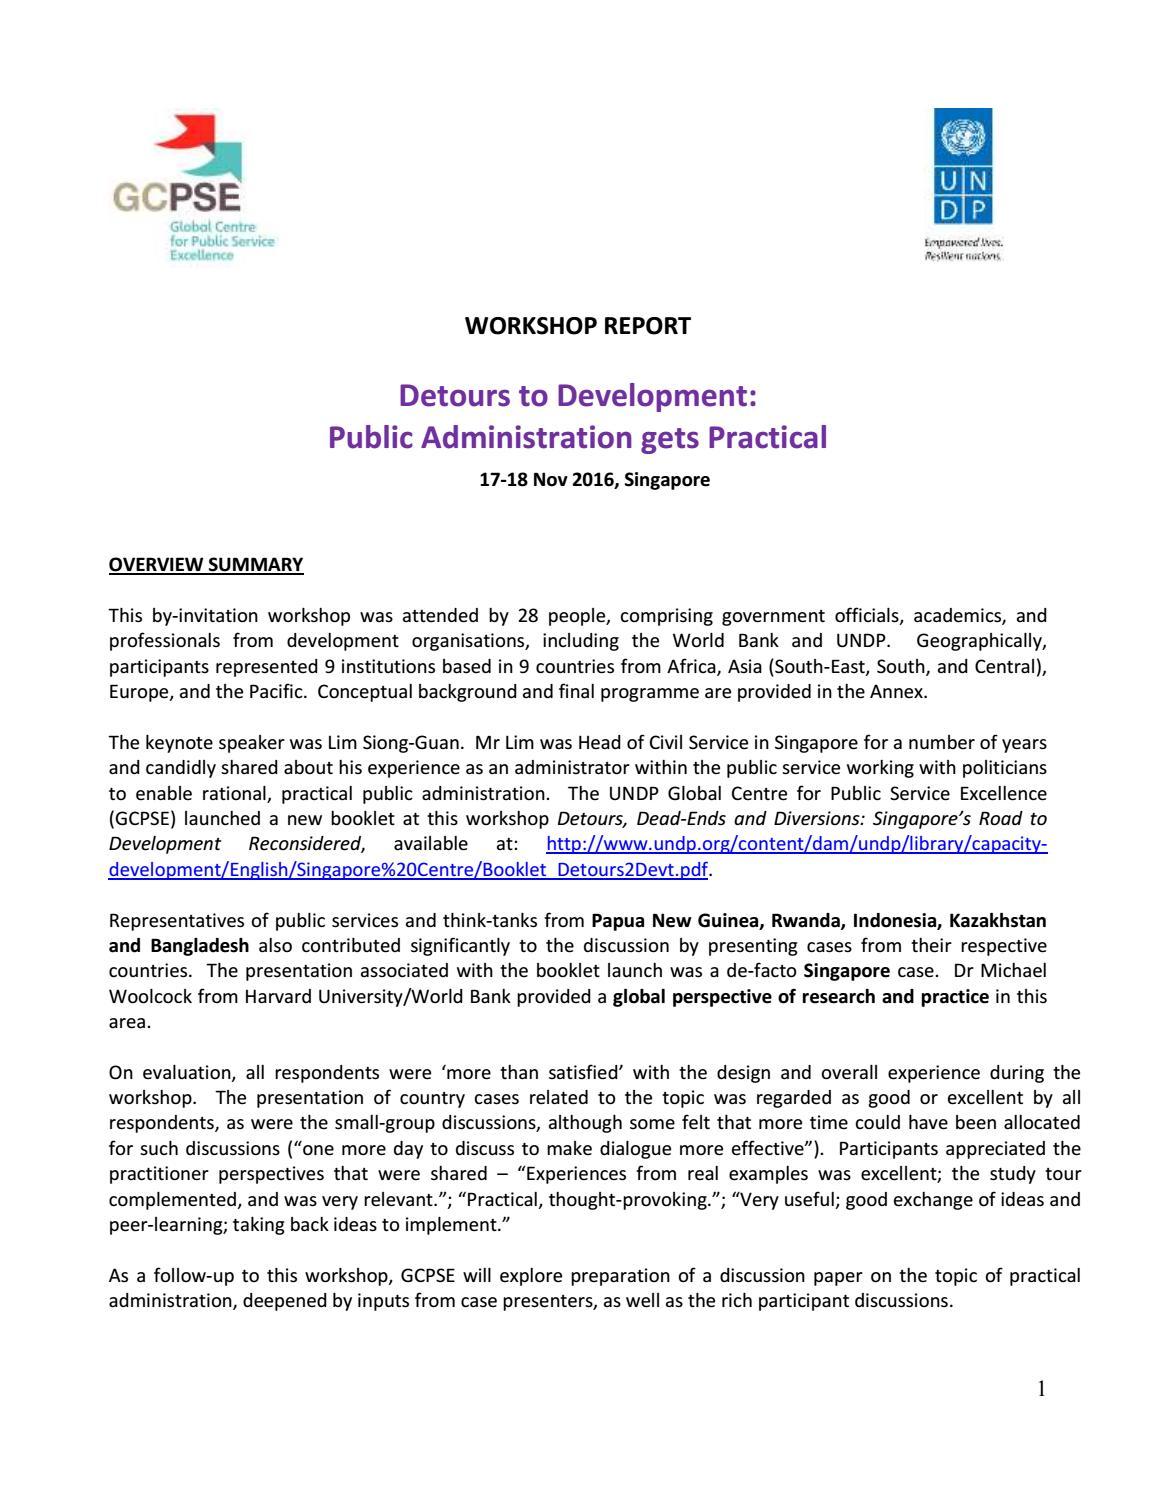 Workshop Report] Detours in Development: Public